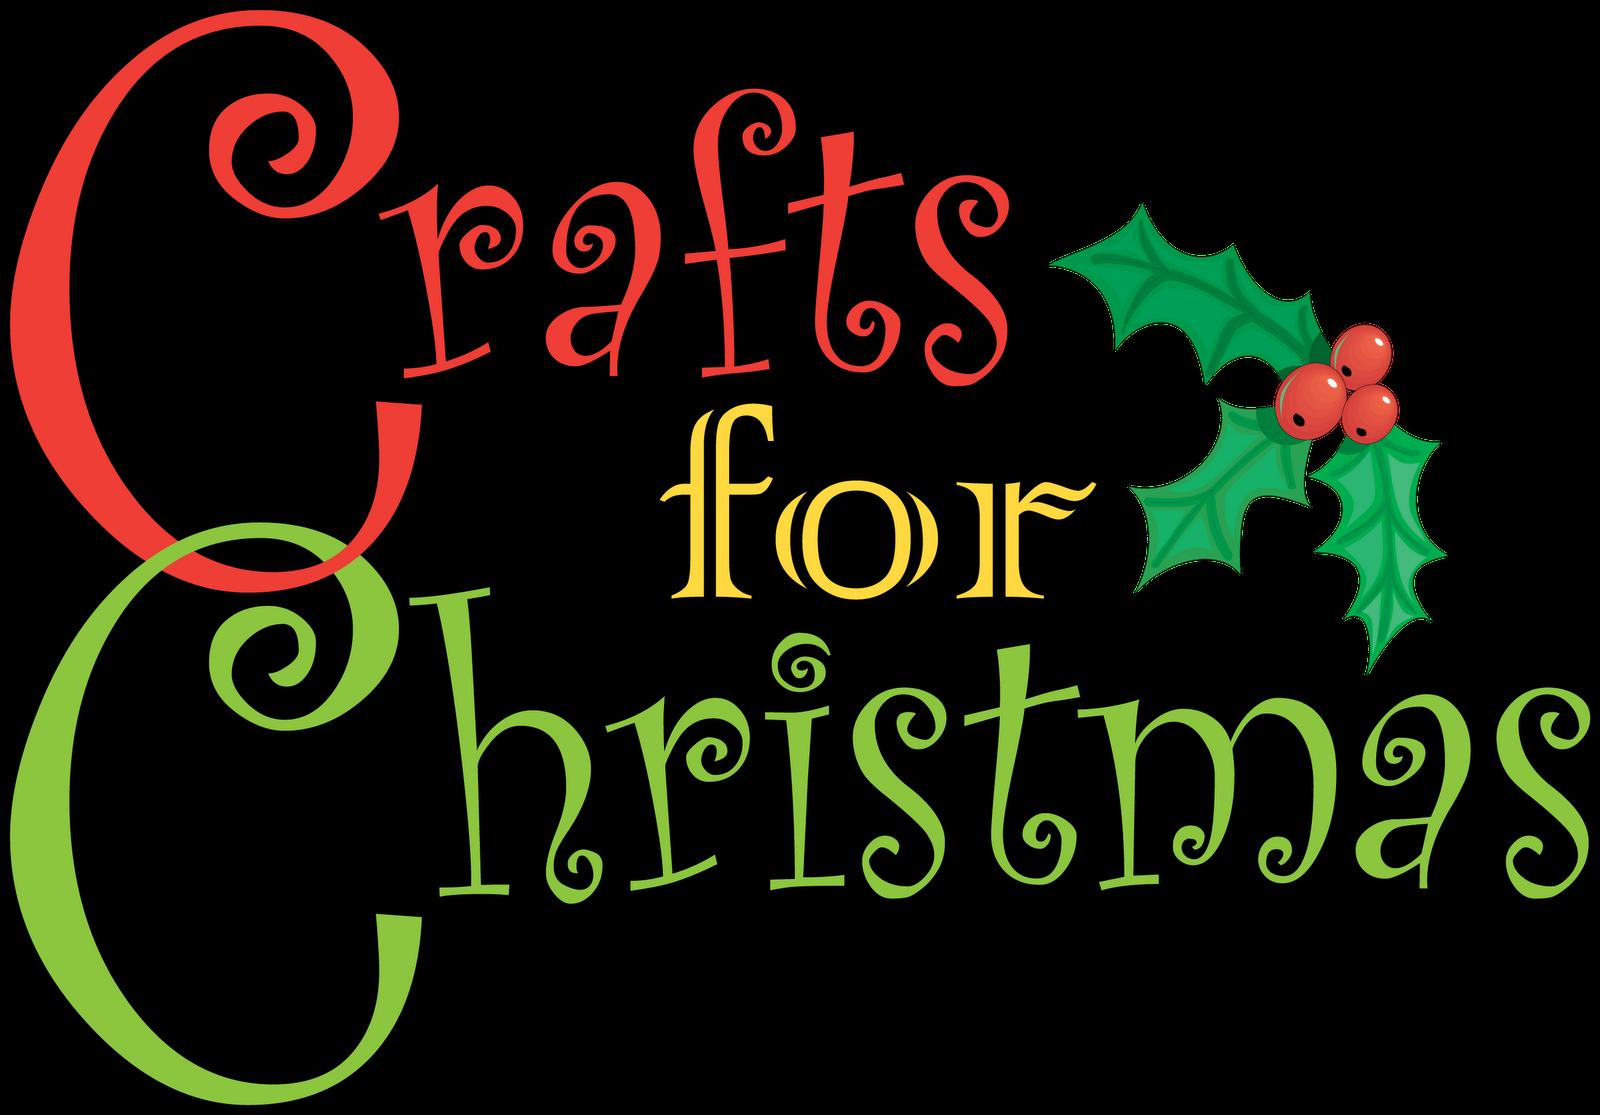 Church clipart craft fair Download Clipart Christmas Art Art